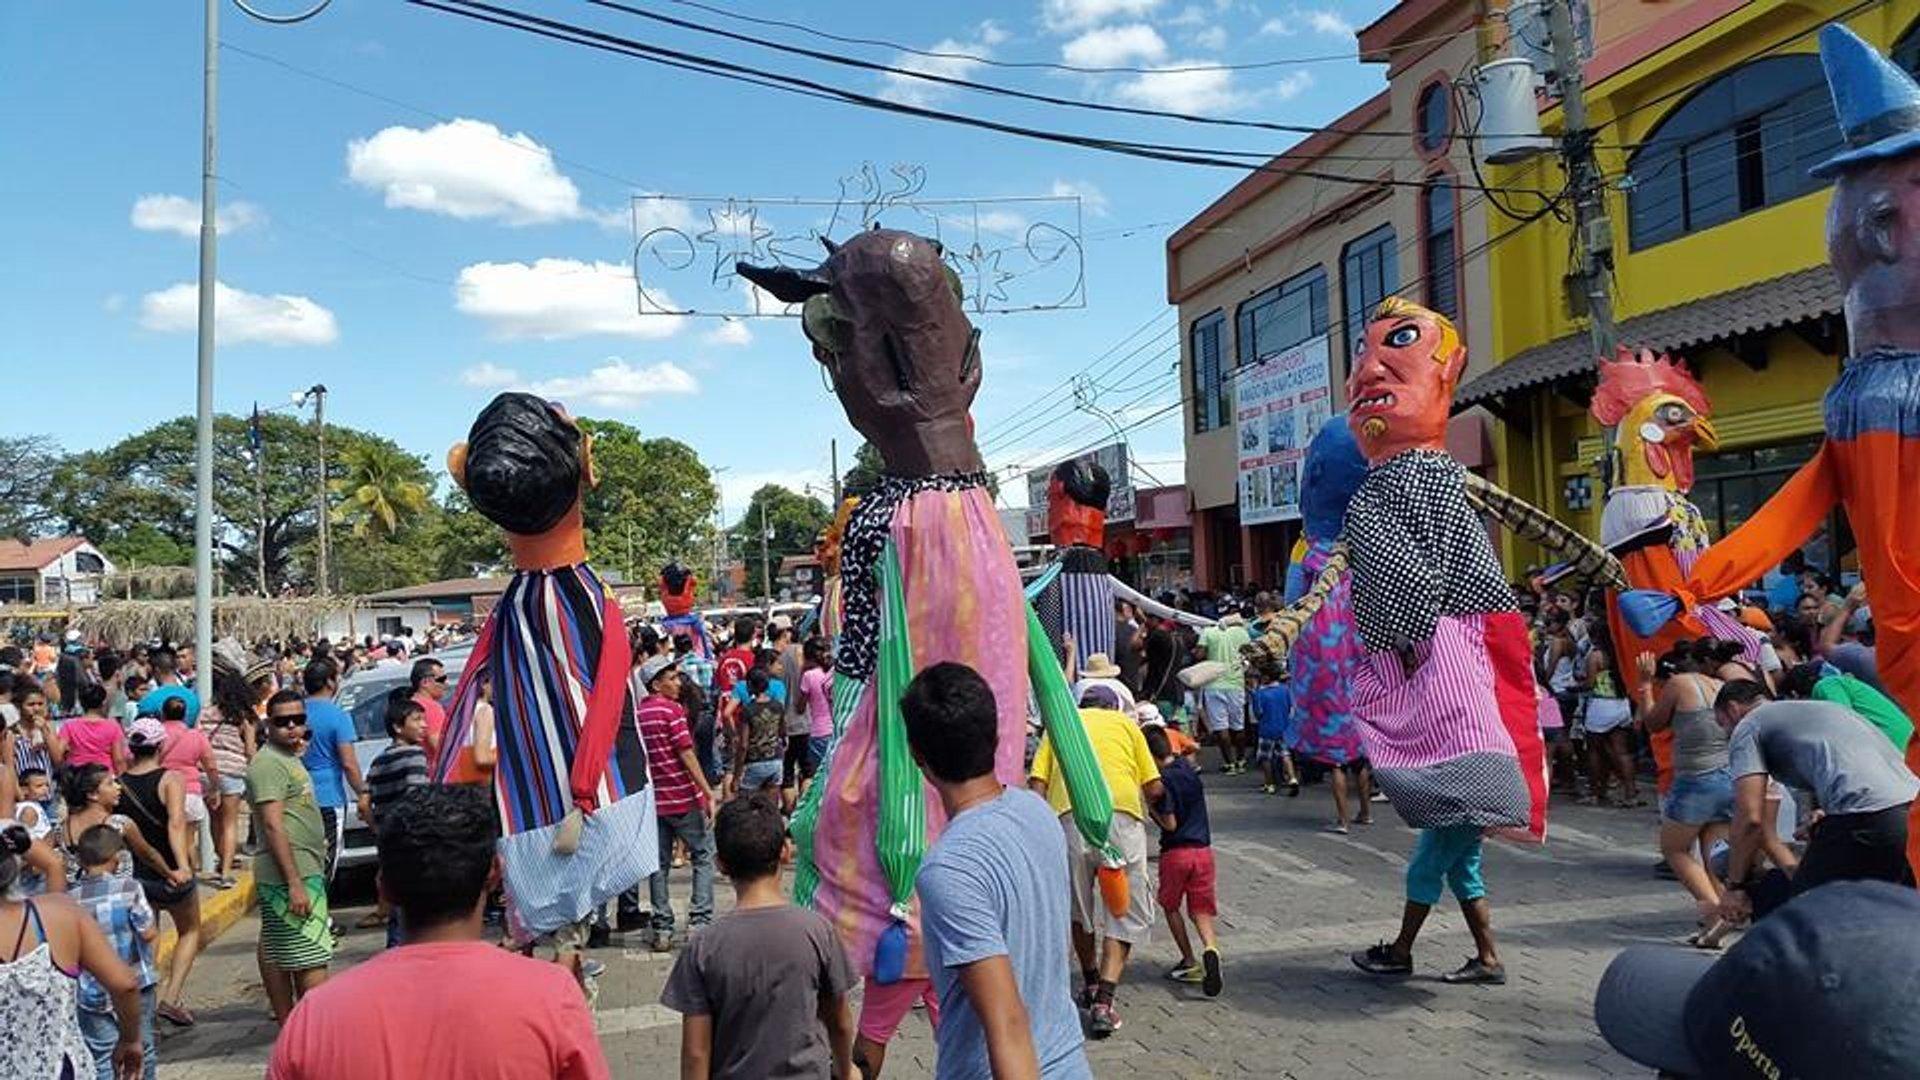 Fiestas Típicas Nacionales Santa Cruz in Costa Rica - Best Season 2020